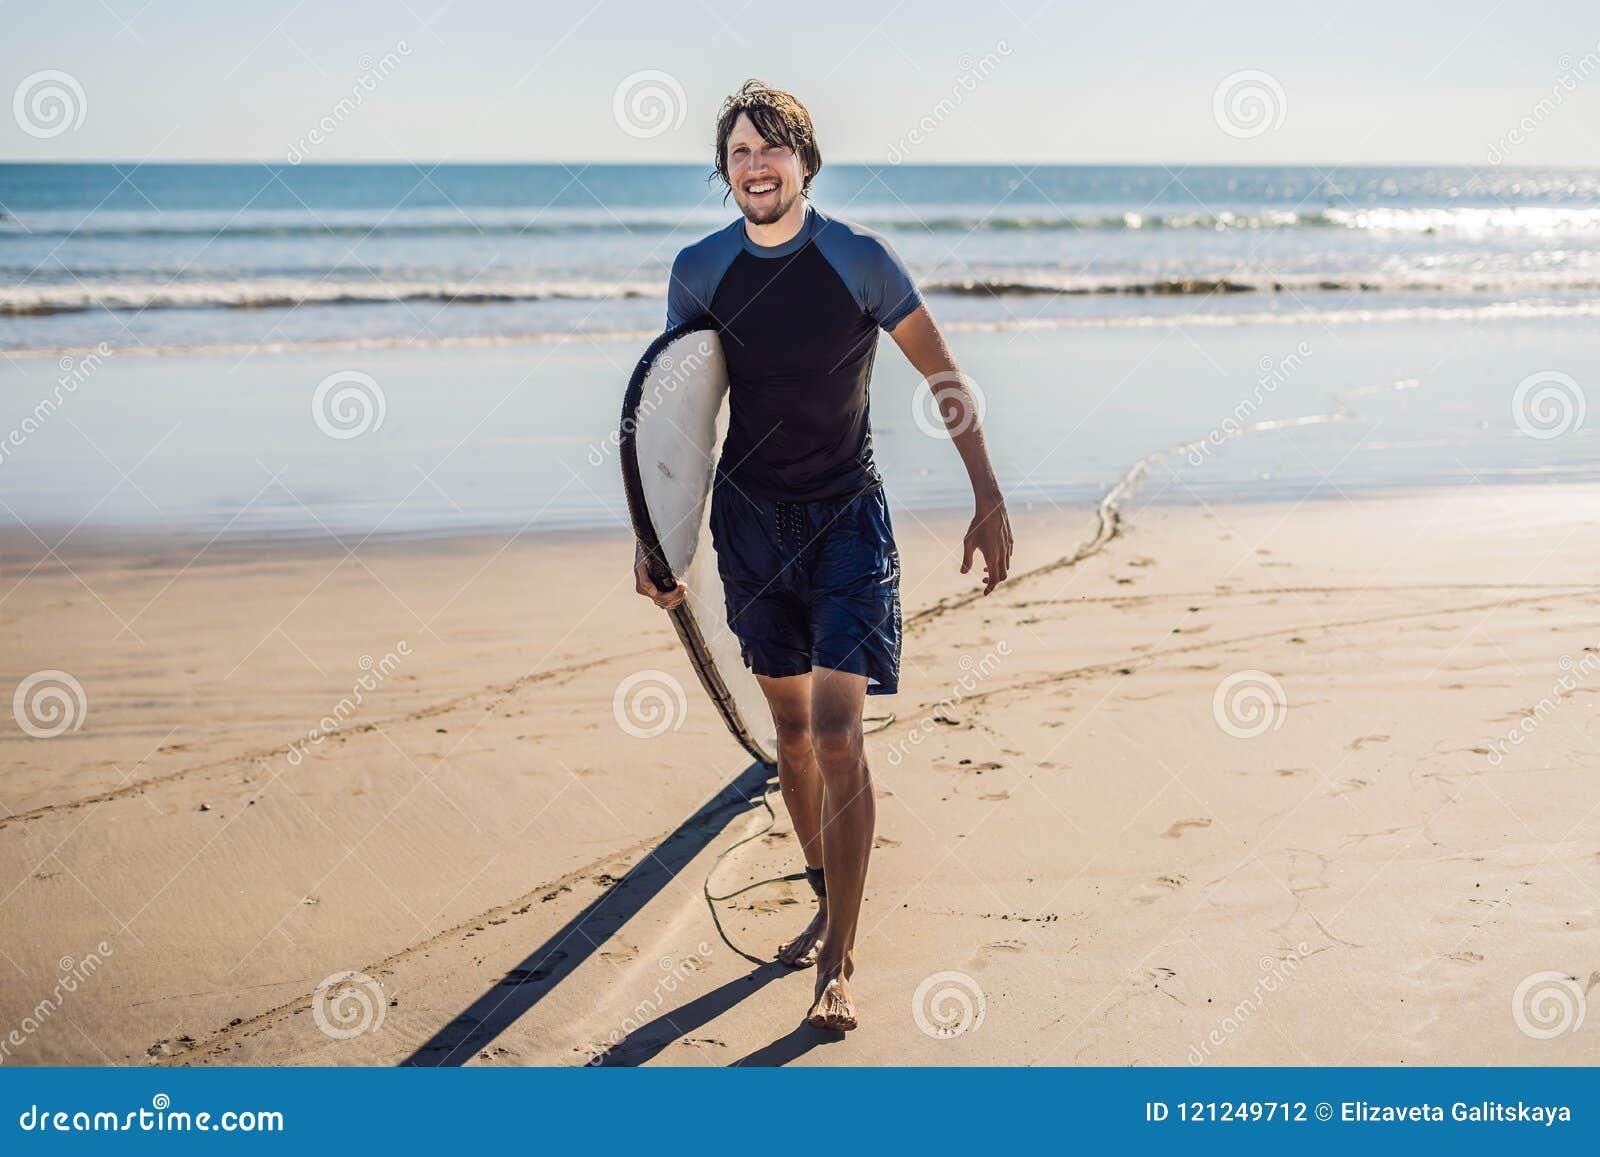 Surfista novo desportivo considerável que levanta com sua prancha sob o seu